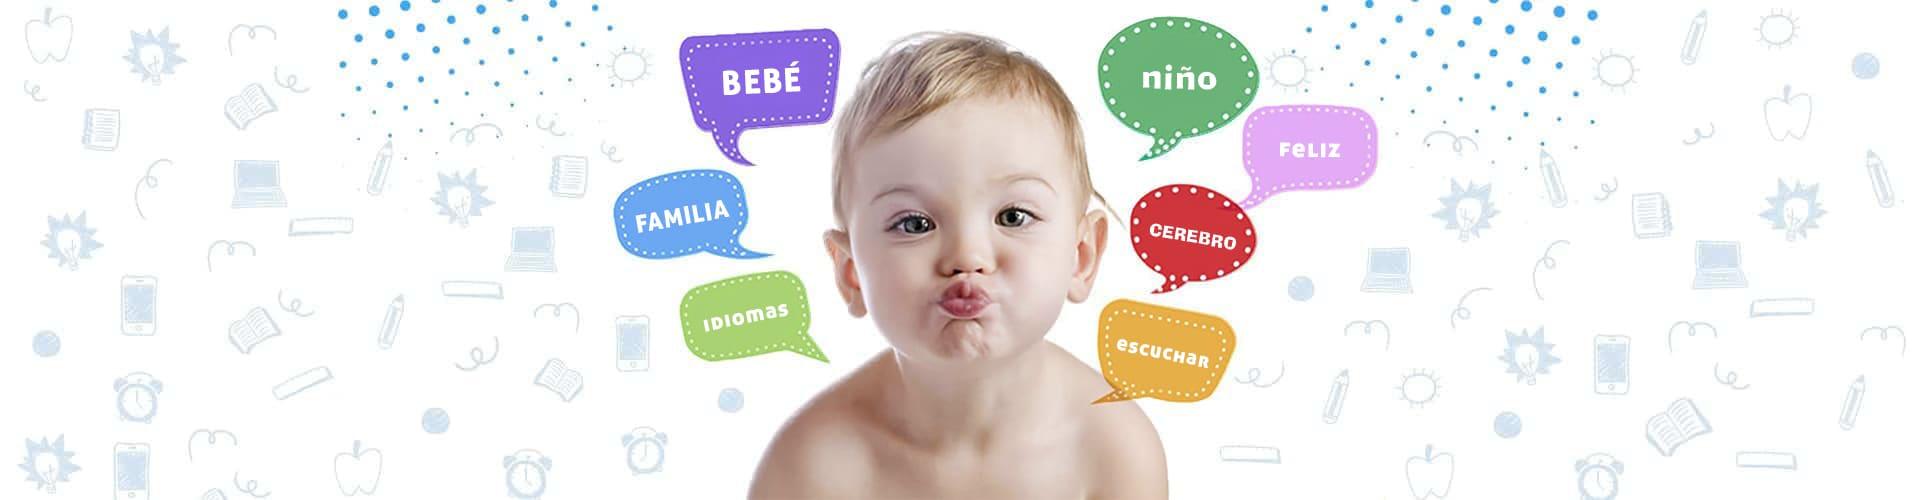 Cómo aprender español para niños y niñas de 0 a 7 años